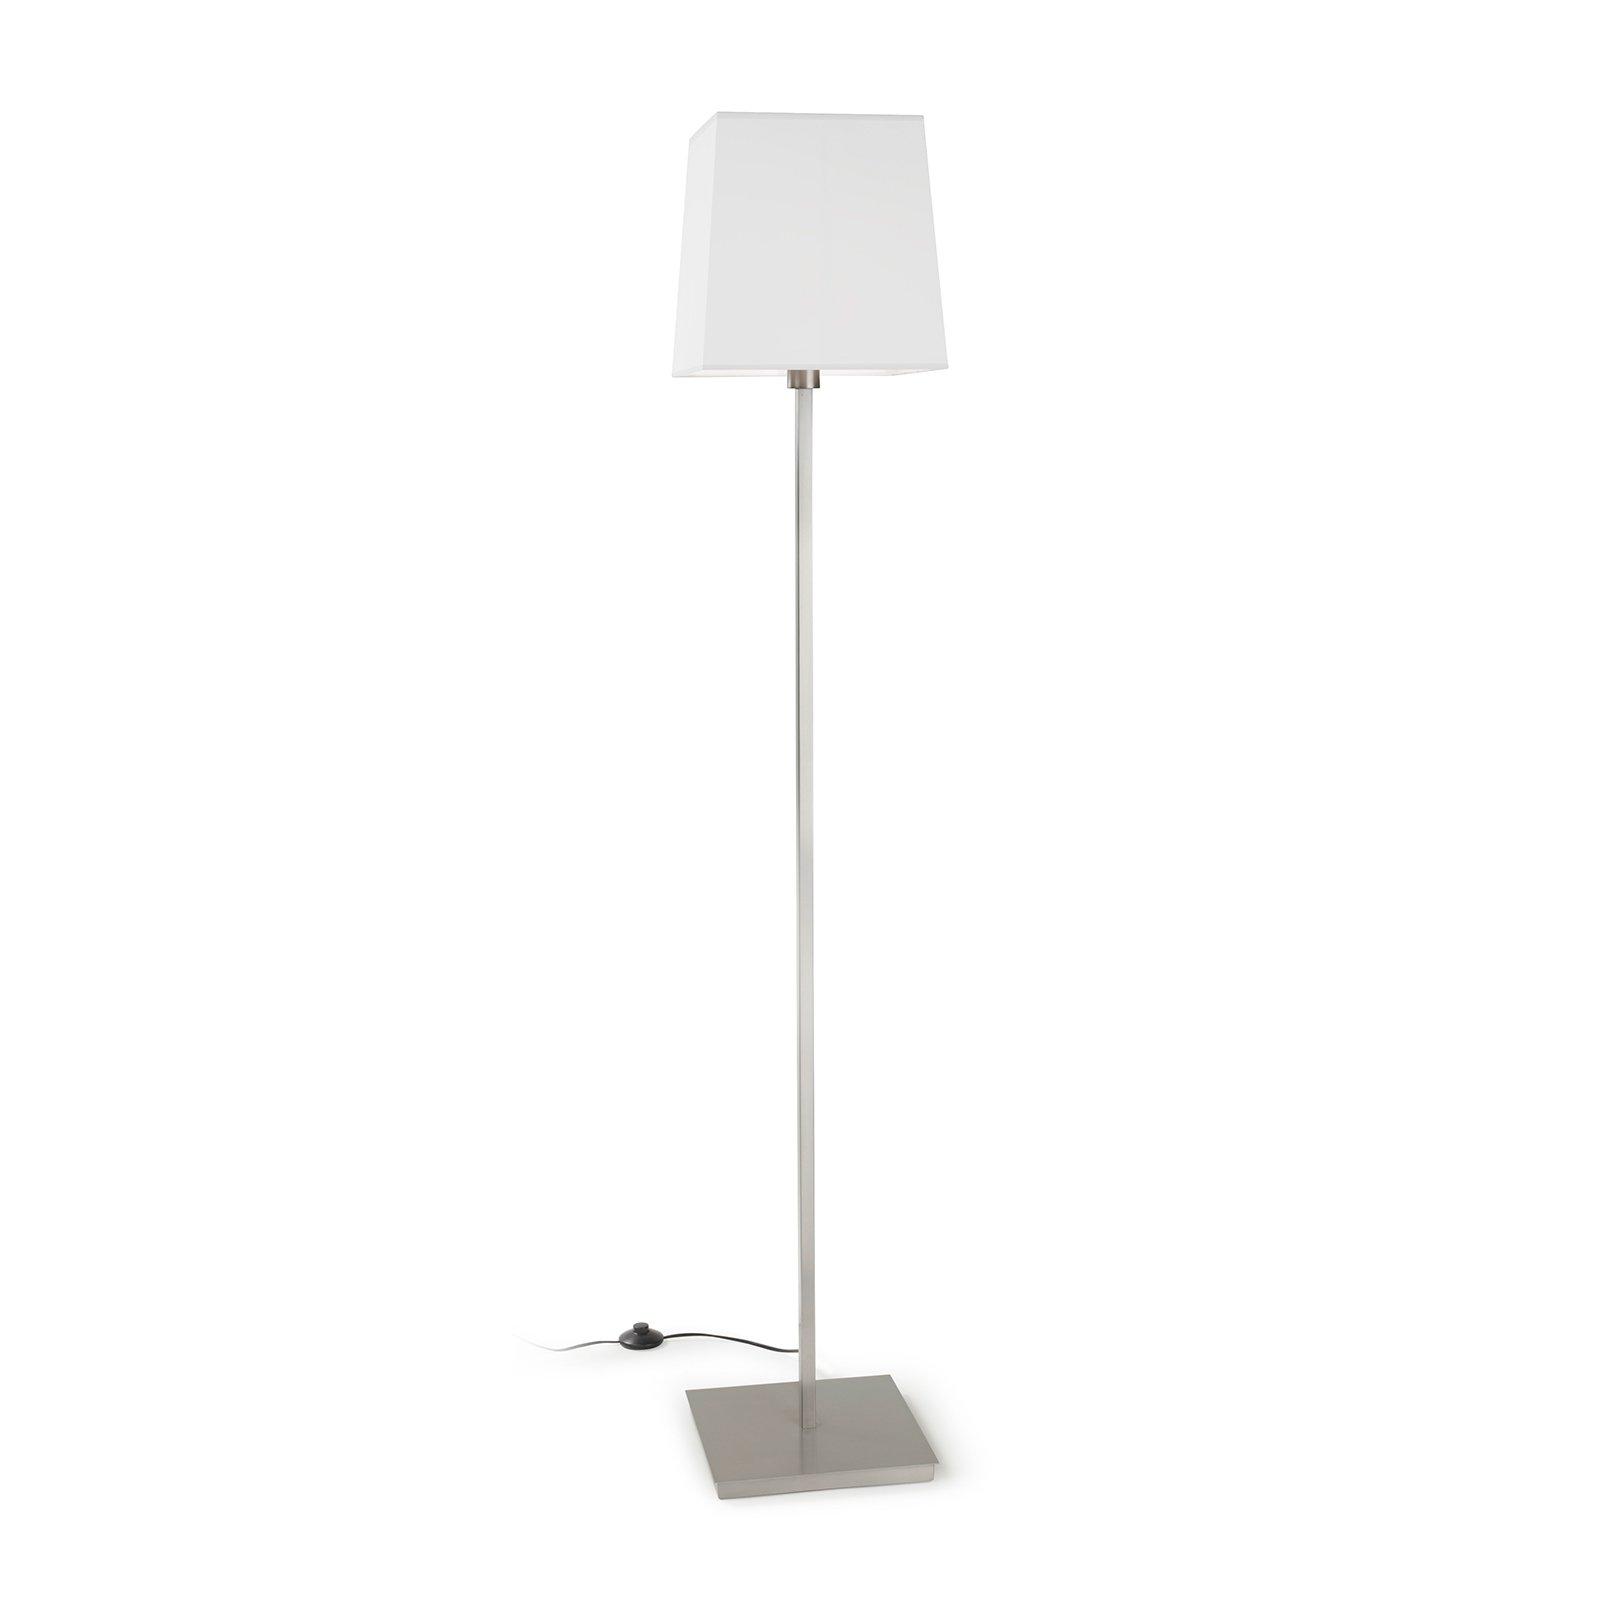 LEDS-C4 Torino gulvlampe skjerm kantet, hvit